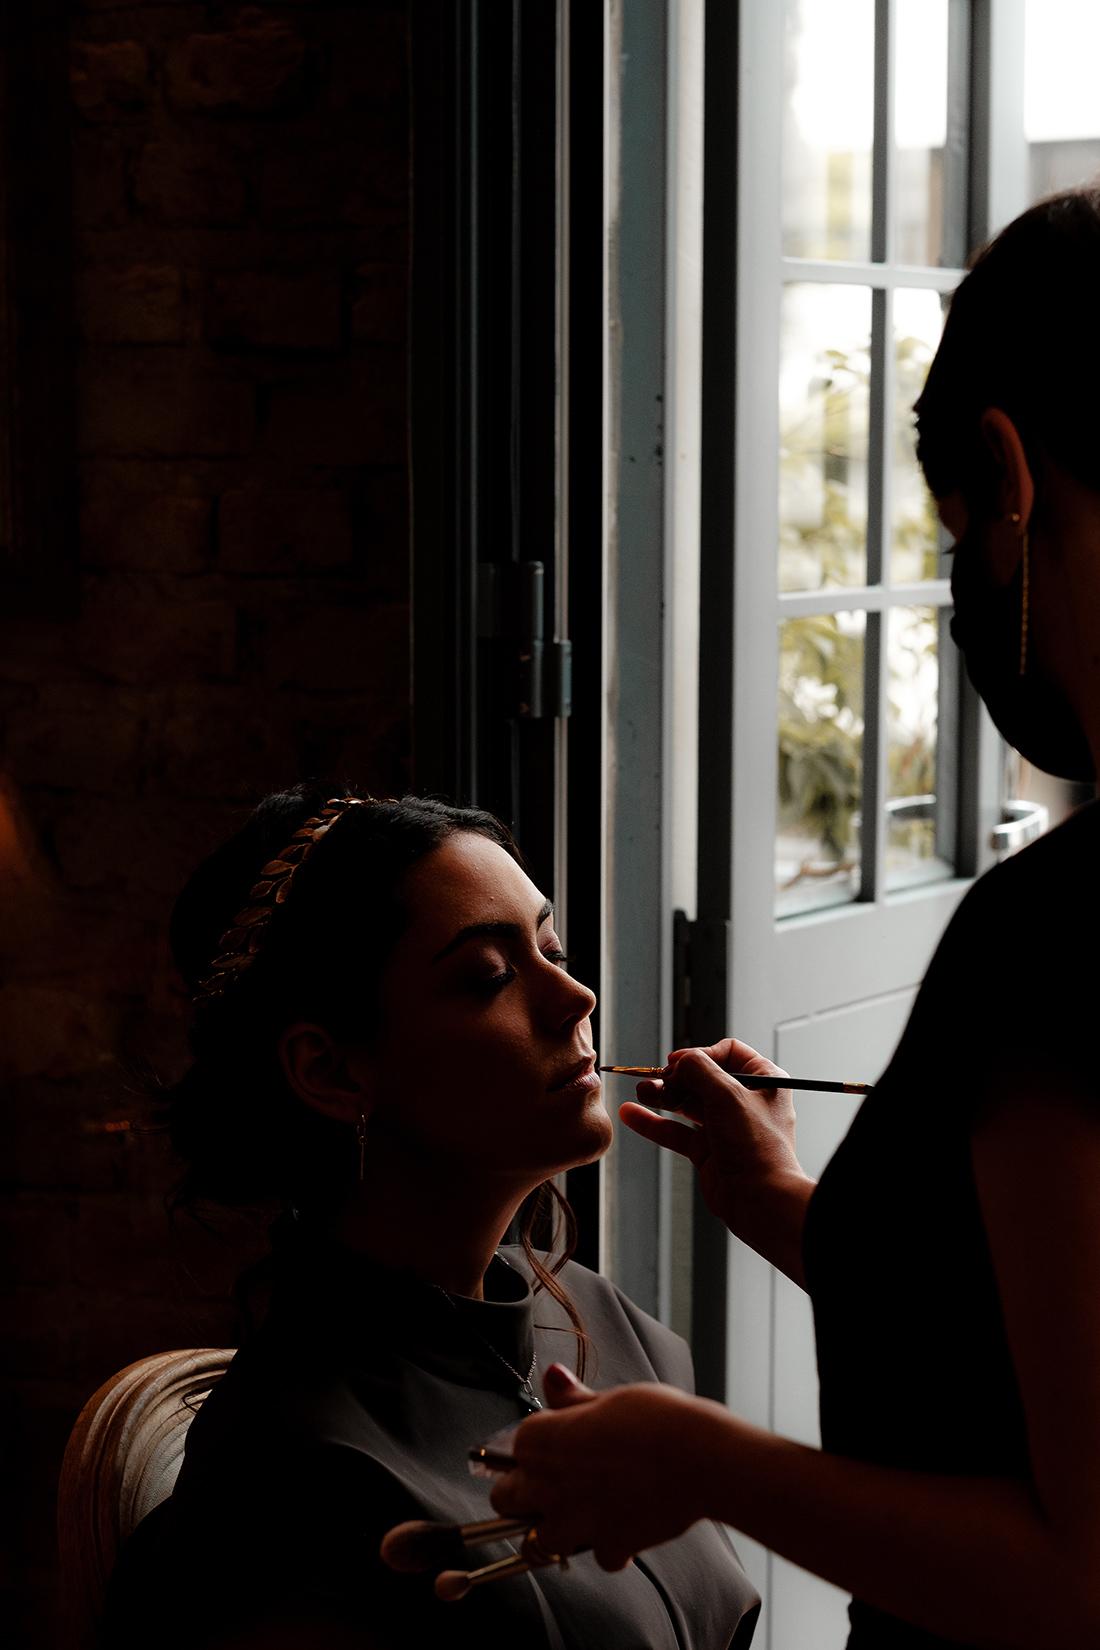 Noiva de Verdade - Noiva Ansiosa na Casa Quintal - Beleza por Ju Toledo